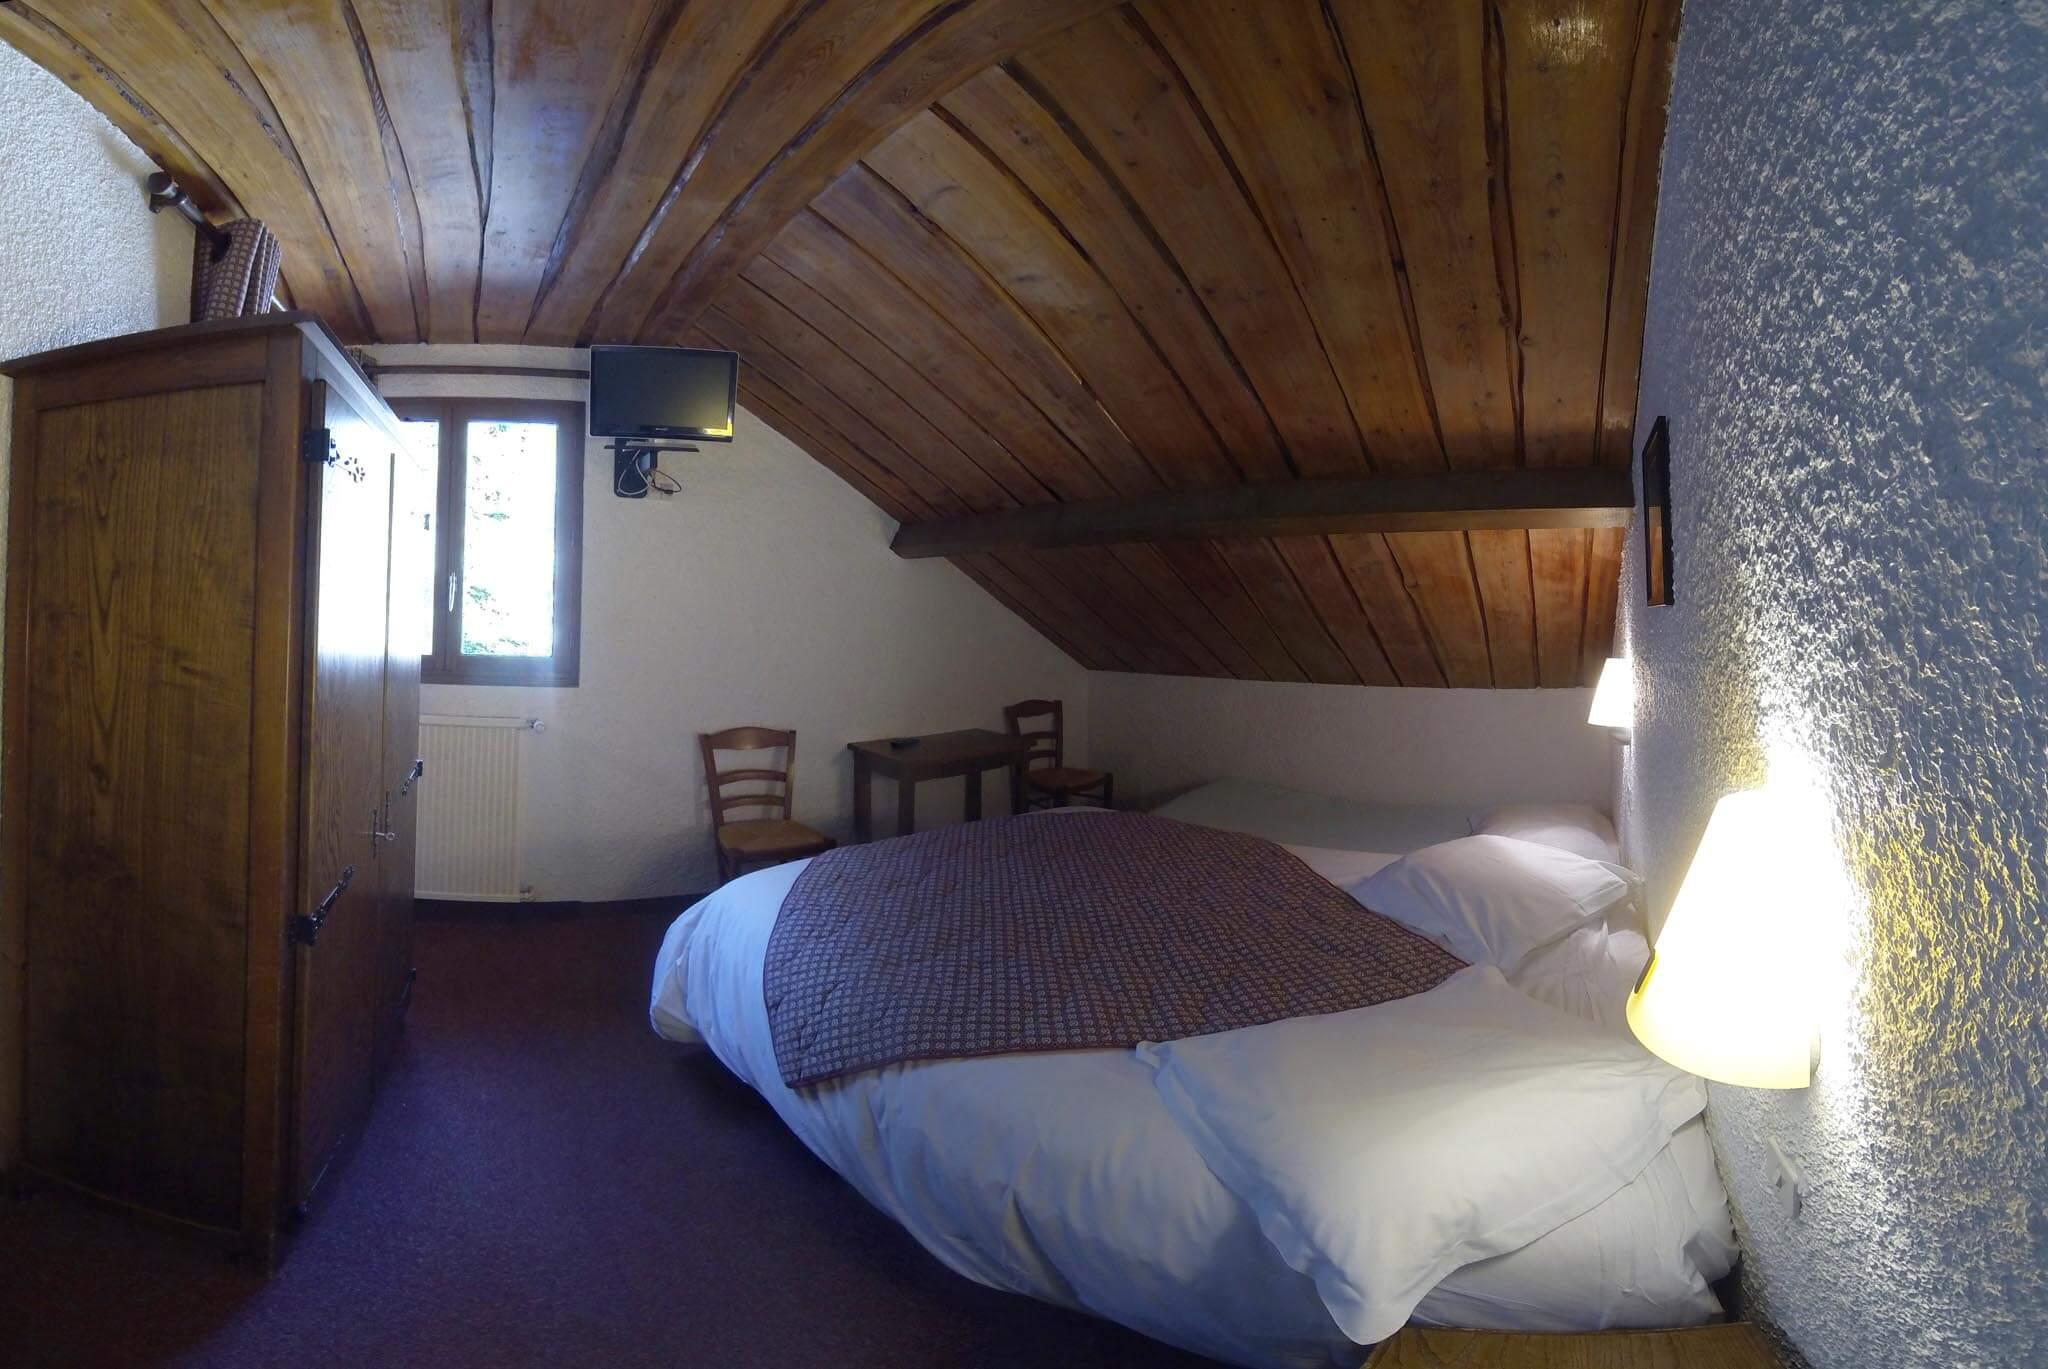 chambre n 9 mansard e lit double et lit simple d 39 appoint hotel les gardettes. Black Bedroom Furniture Sets. Home Design Ideas